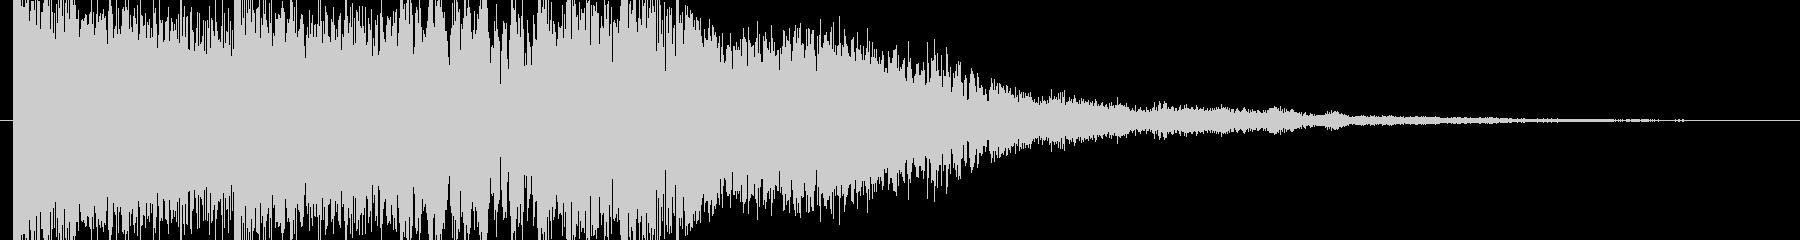 Dubstep (ダブステップ)の未再生の波形